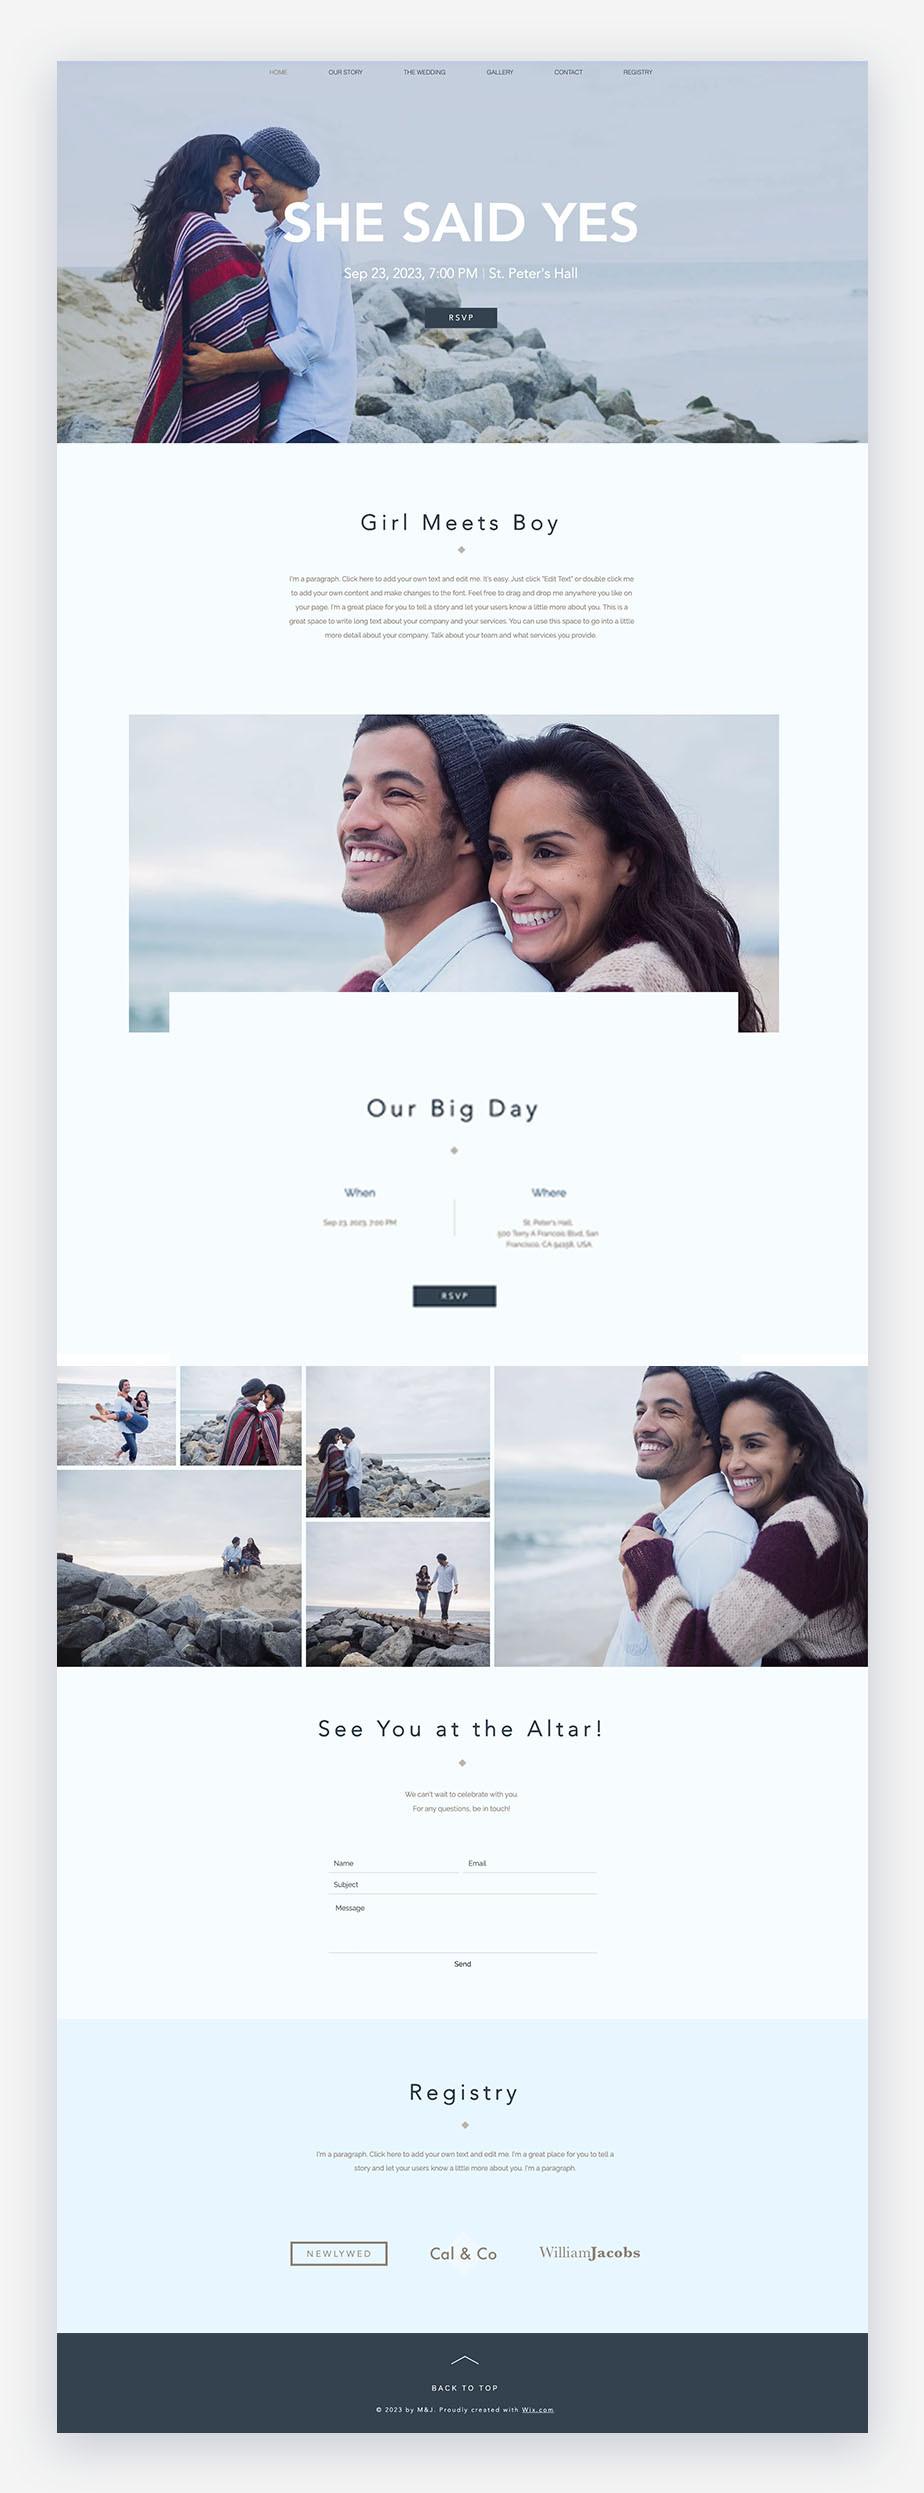 Siti web di matrimonio wix di una coppia vicino alla spiaggia